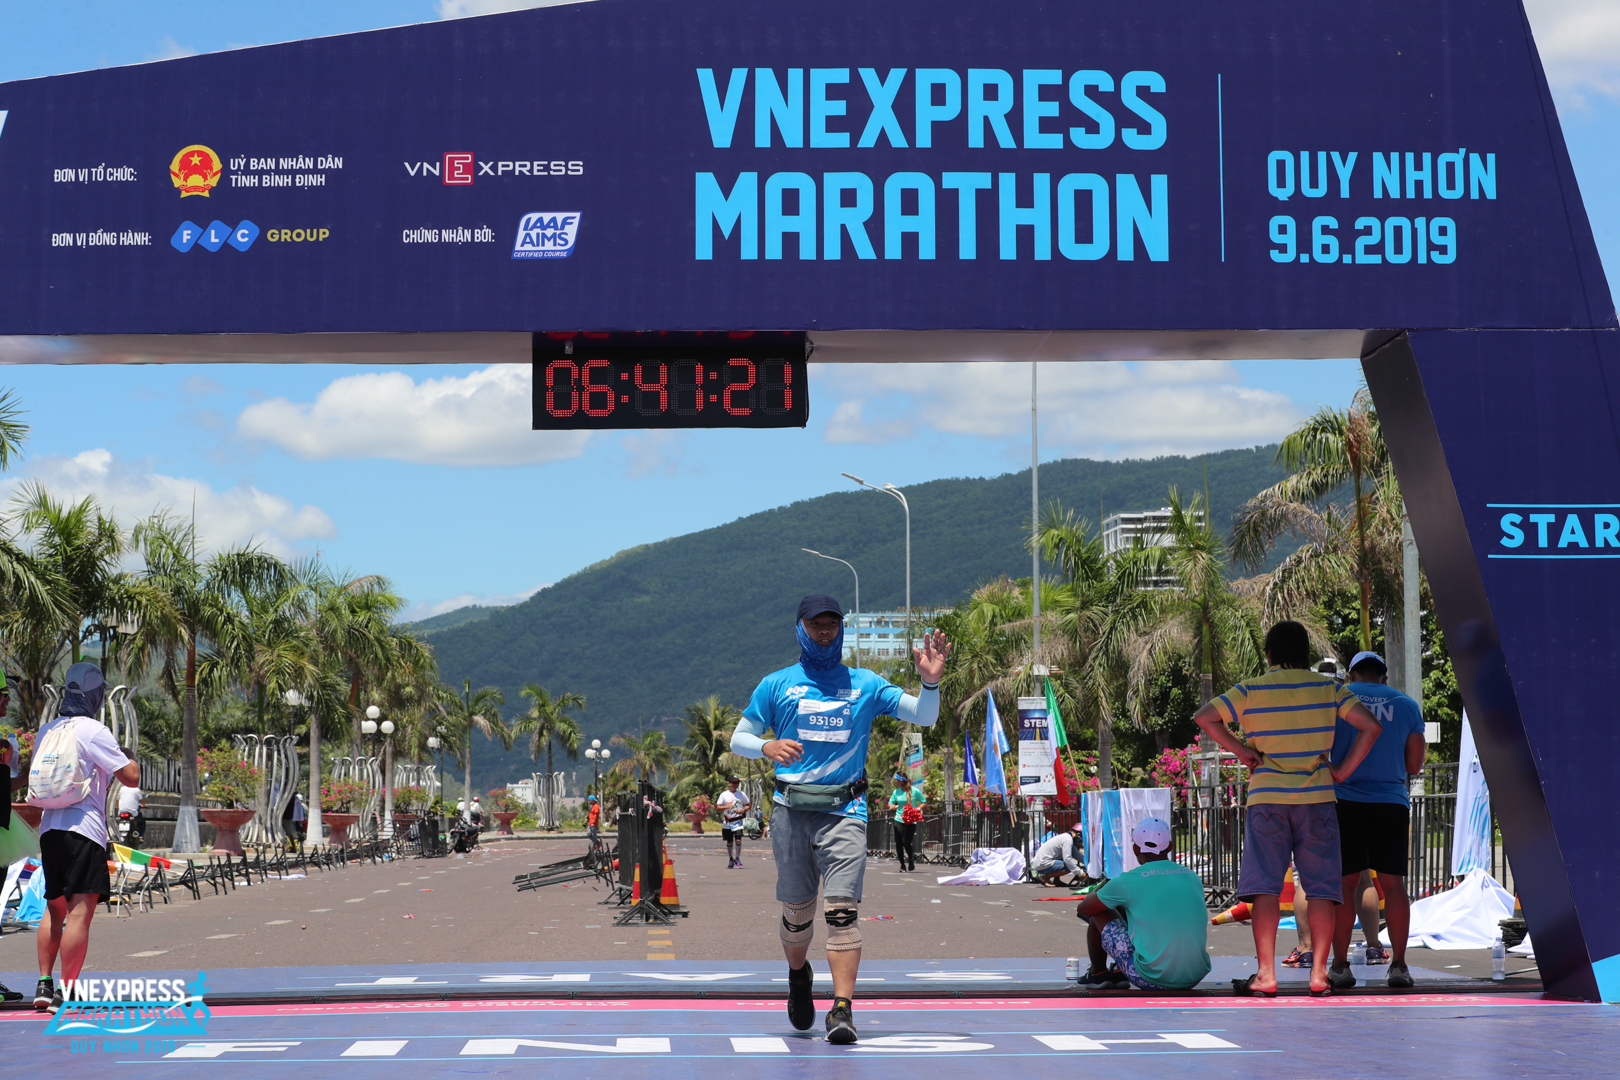 """""""Không tin mình có thể hoàn thành full marathon 42km, dù tốc độ trung bình hơi tệ do căng cơ ở những km cuối"""", anh Lê Tôn Vinh, Ban dự án FPT Telecom chia sẻ sau khi hoàn thành mốc thách thức ởVnExpress Marathon."""